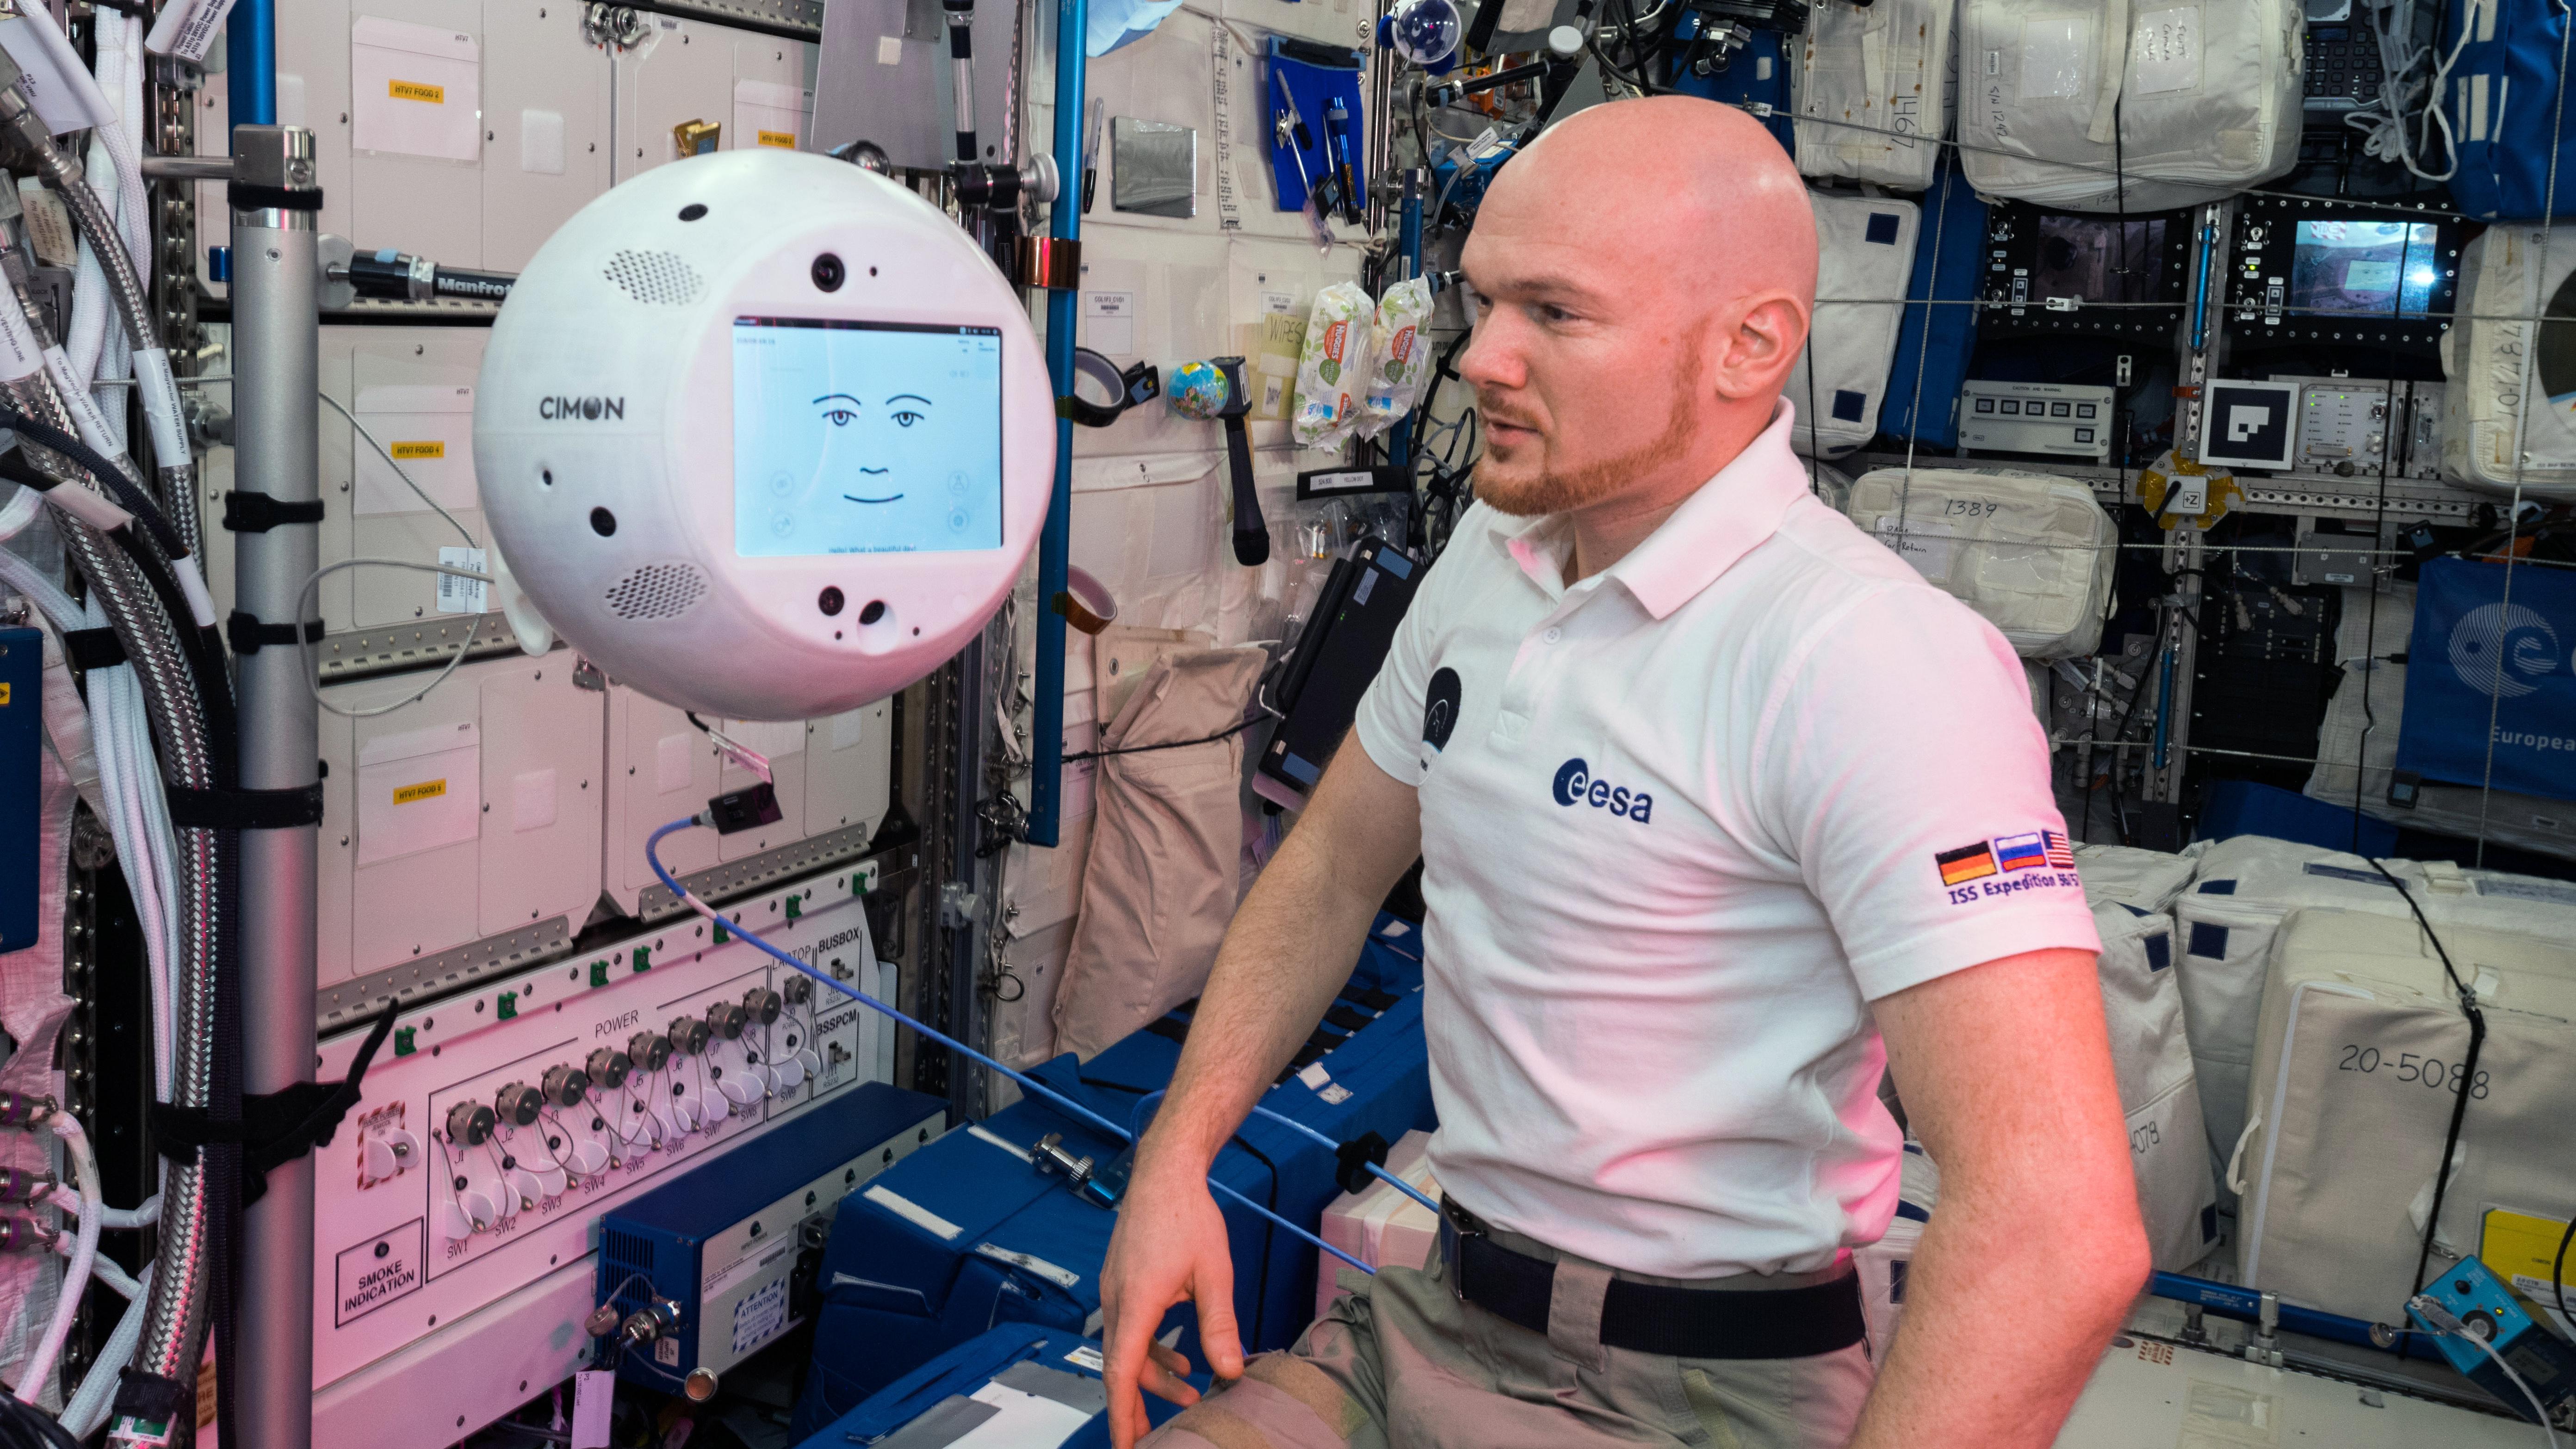 Der erste intelligente Roboter auf der ISS